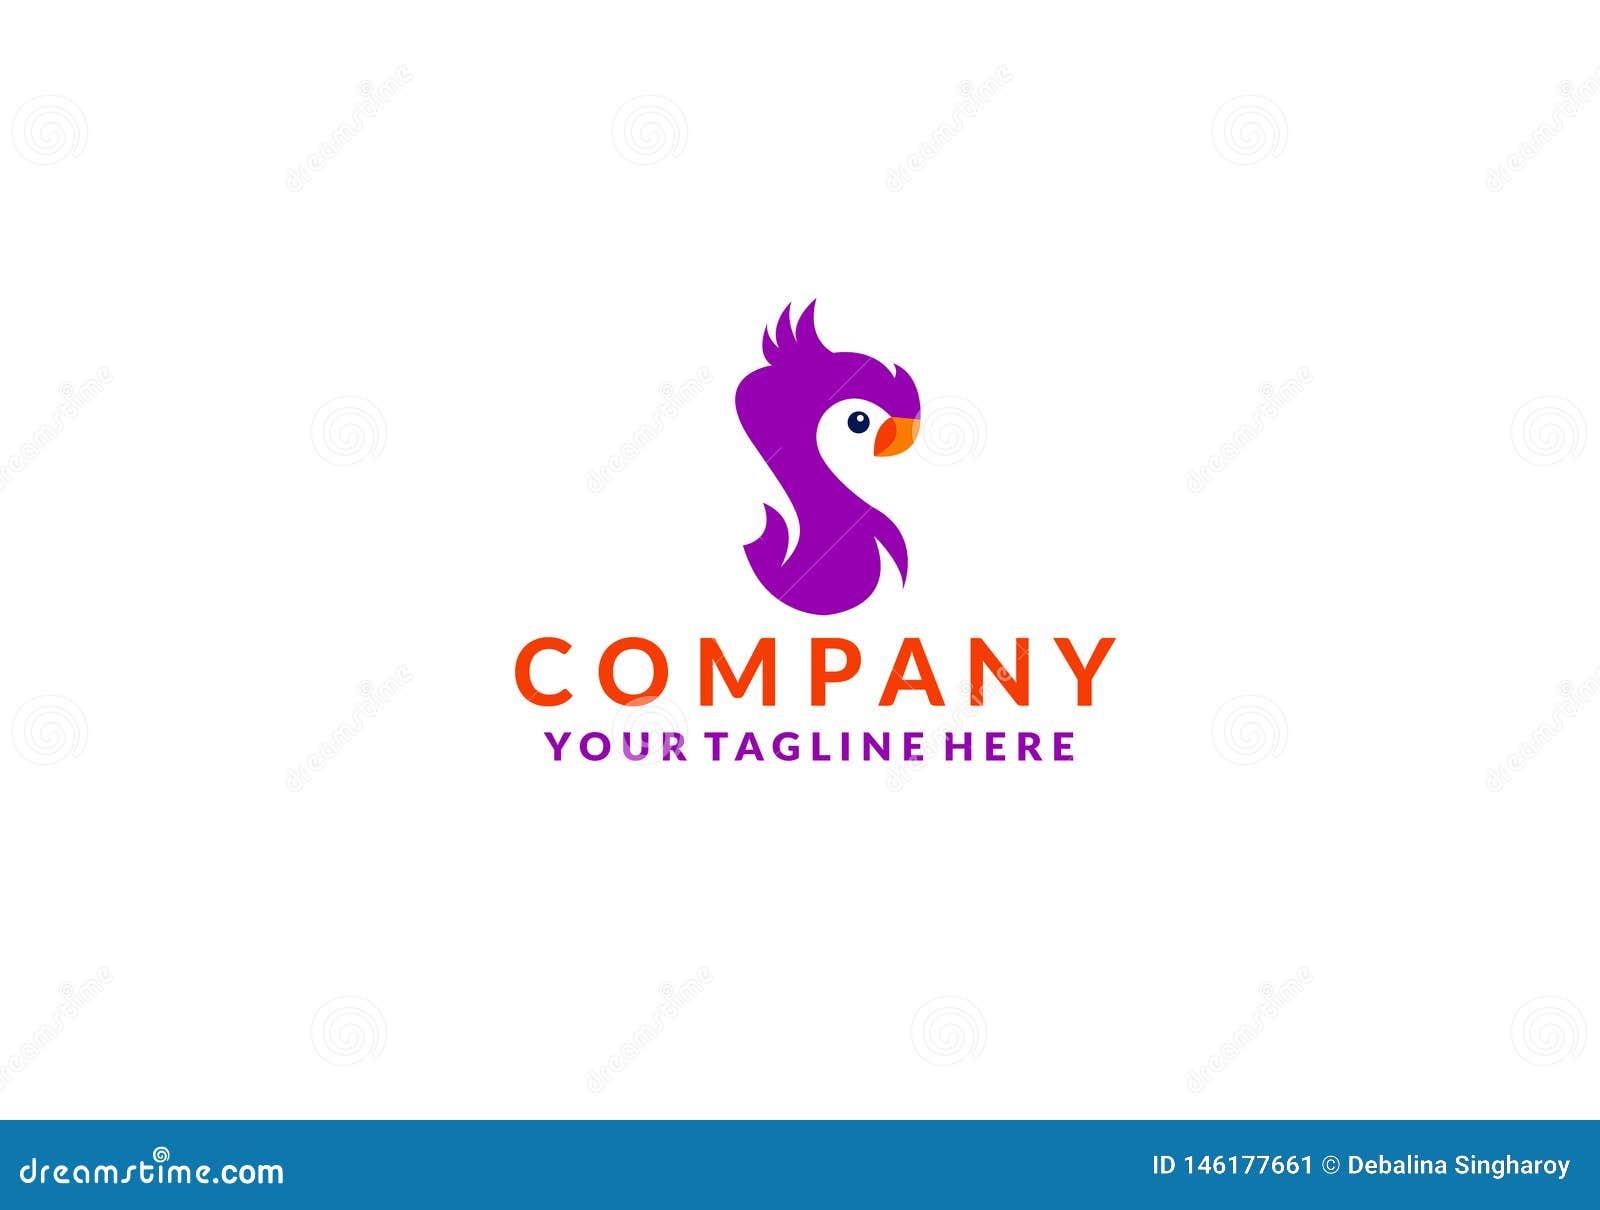 Вектор значка логотипа птицы какаду